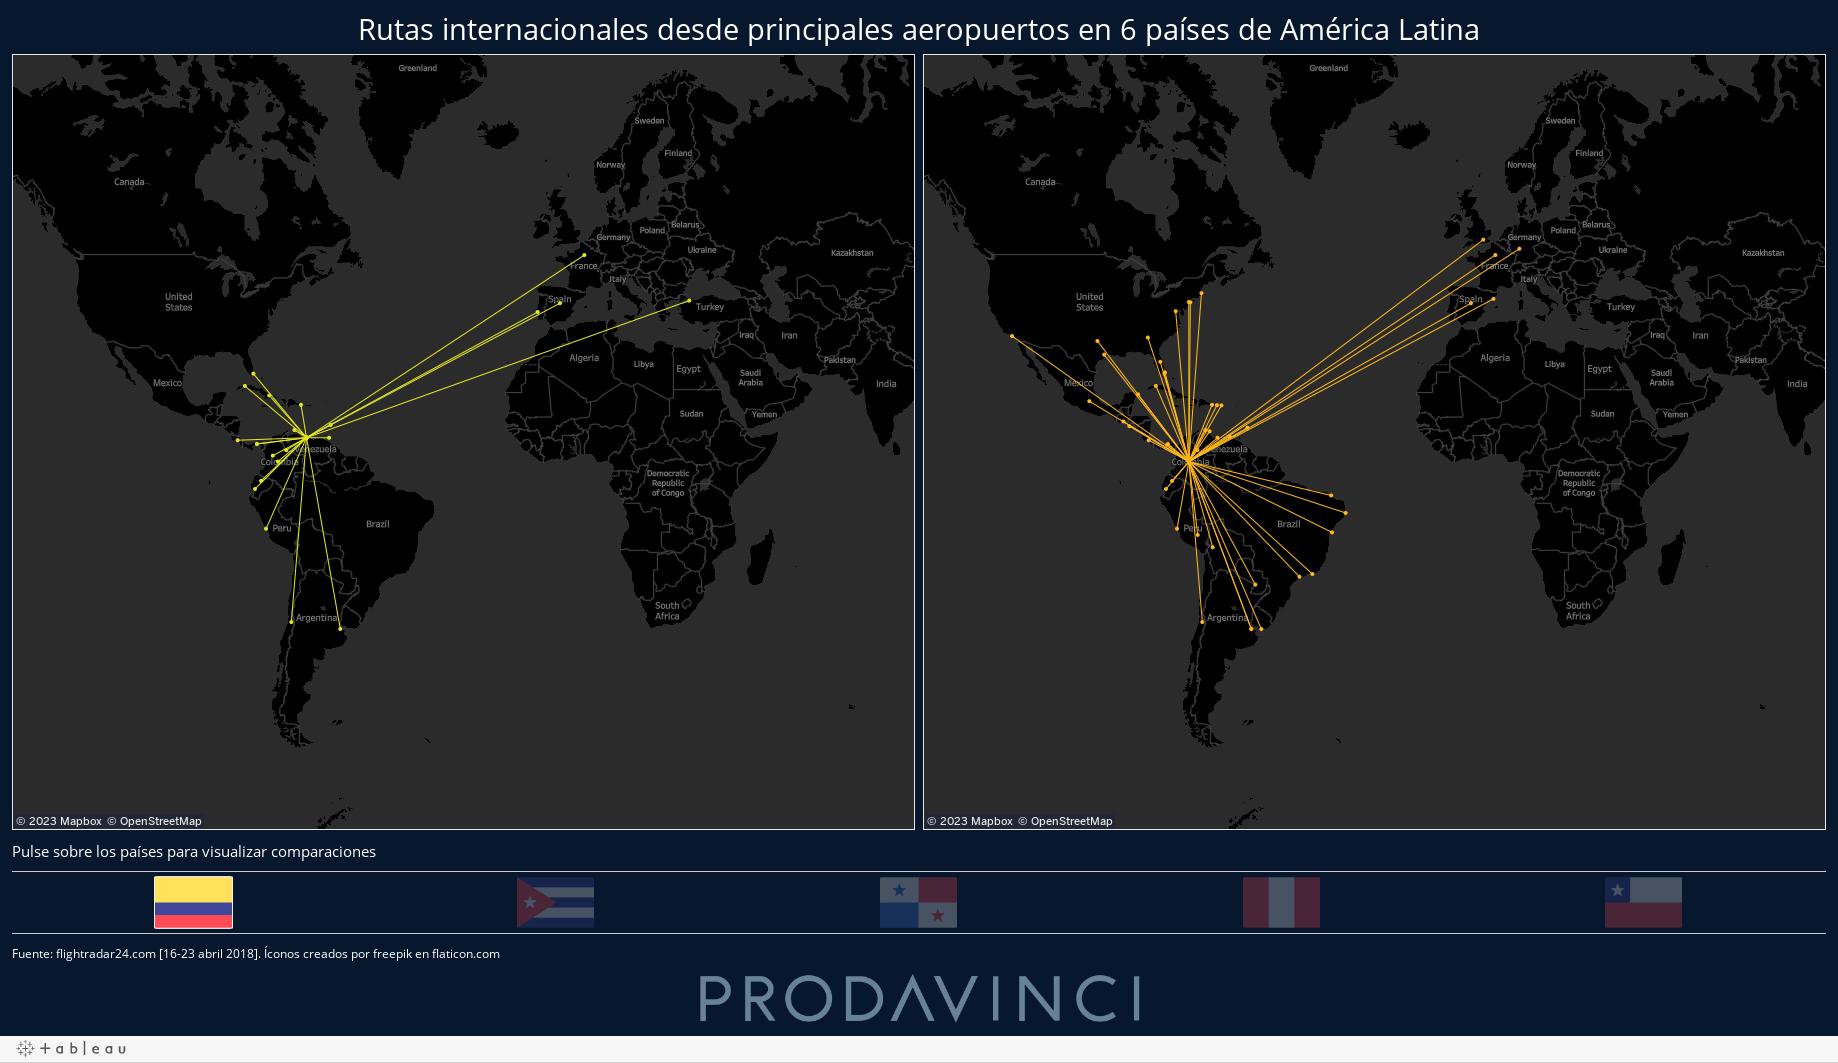 Rutas internacionales desde principales aeropuertos en 6 países de América Latina